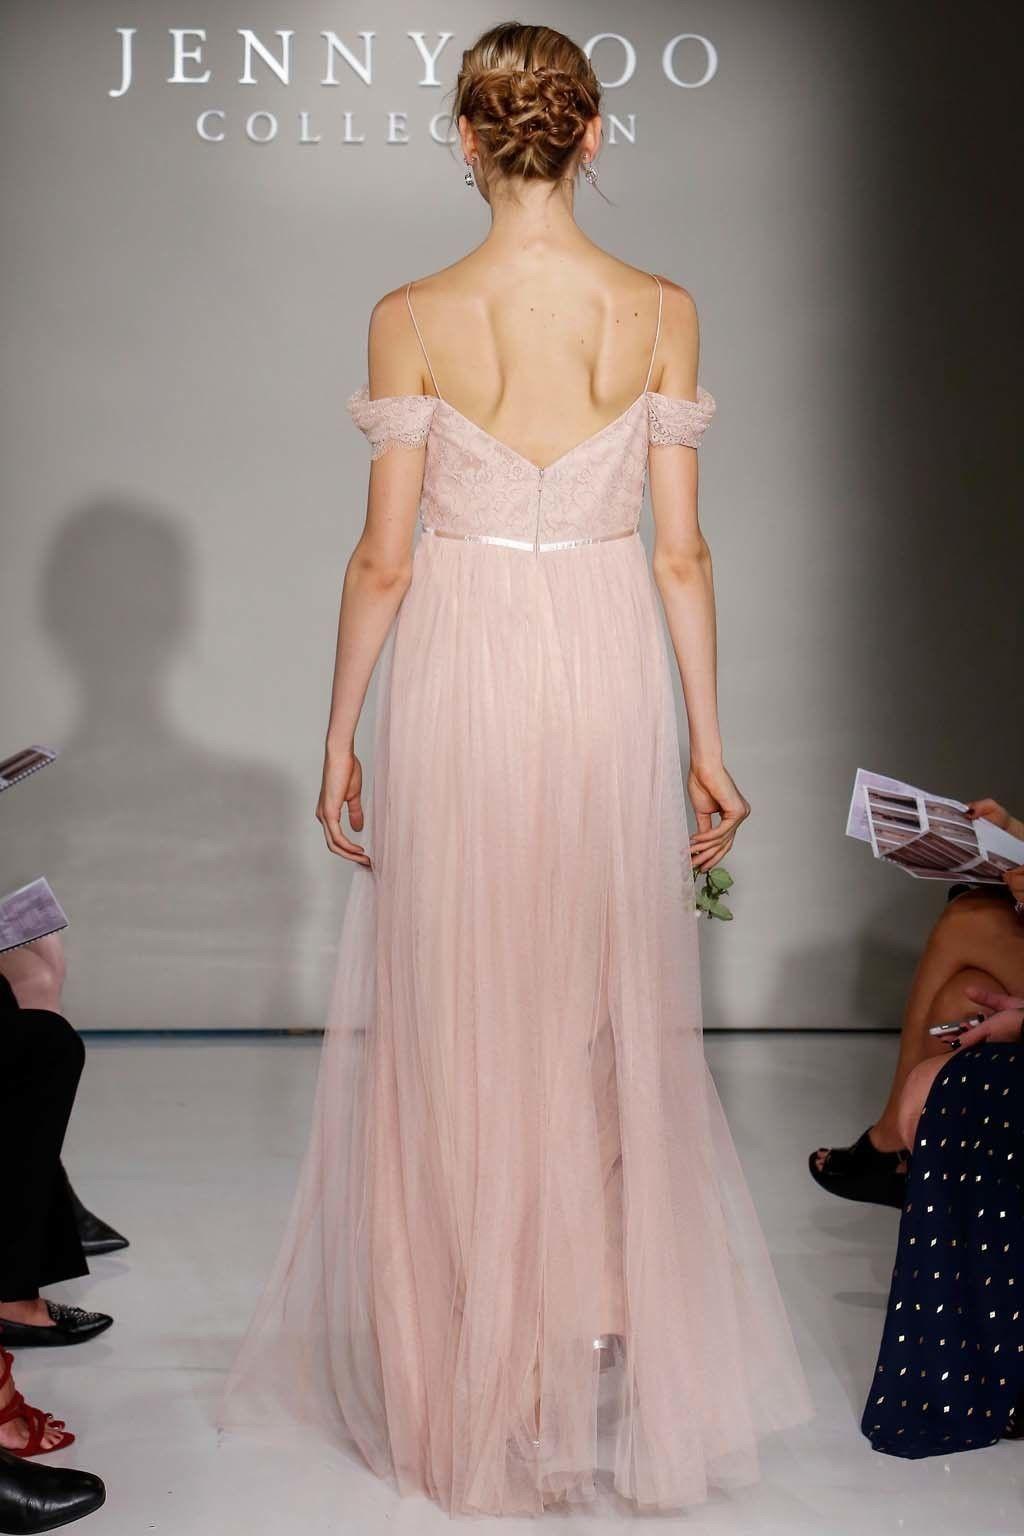 Contemporáneo Vestido De La Dama Jenny Yoo Imágenes - Colección de ...